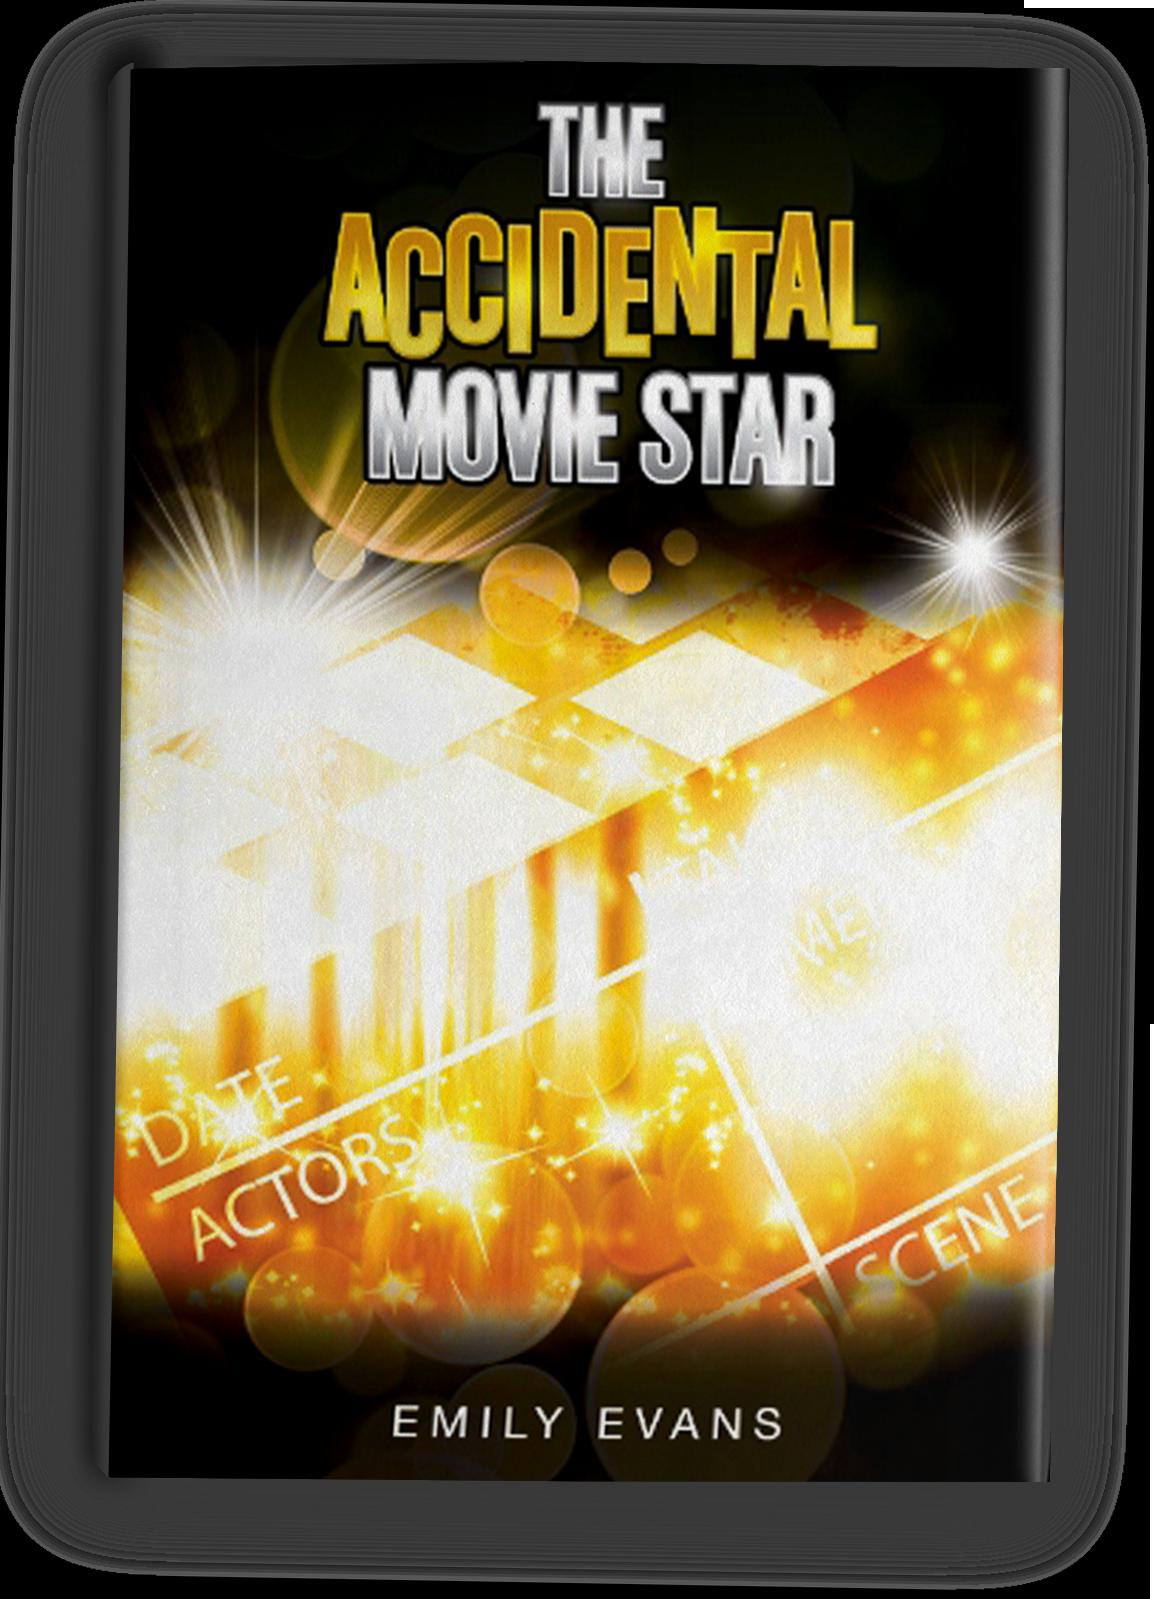 Accidental Movie Star